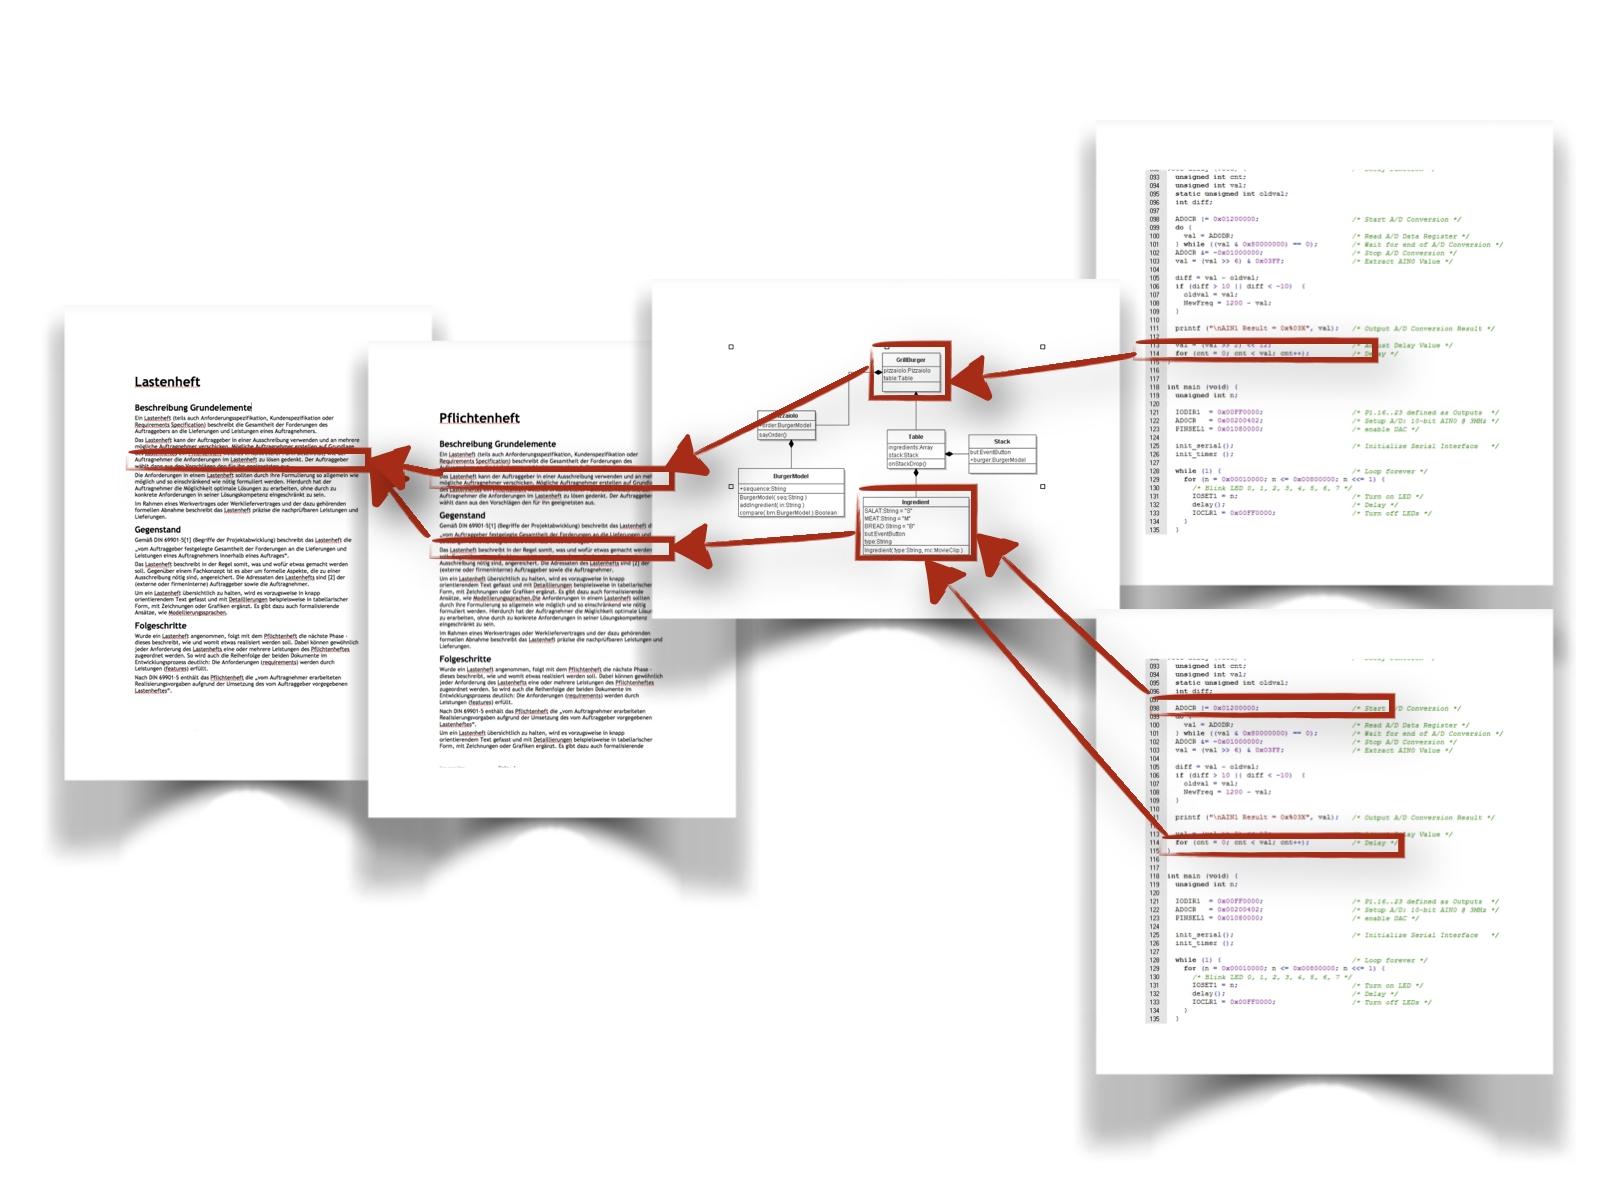 Requirements Traceability zwischen DOORS und Enterprise Architect